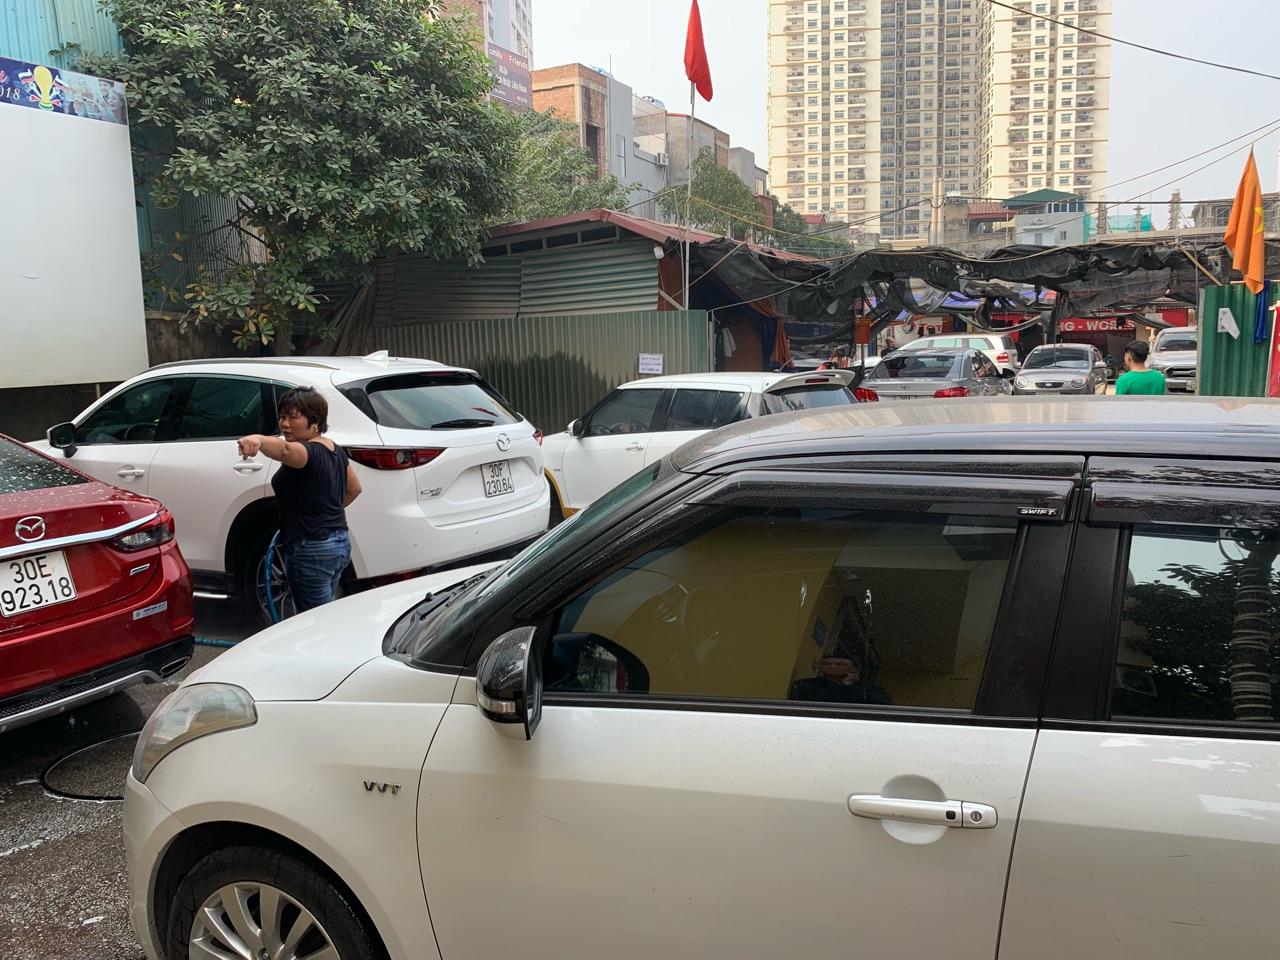 Giá rửa xe ngày sát Tết tăng gấp đôi, chủ xe vẫn phải xếp hàng dài